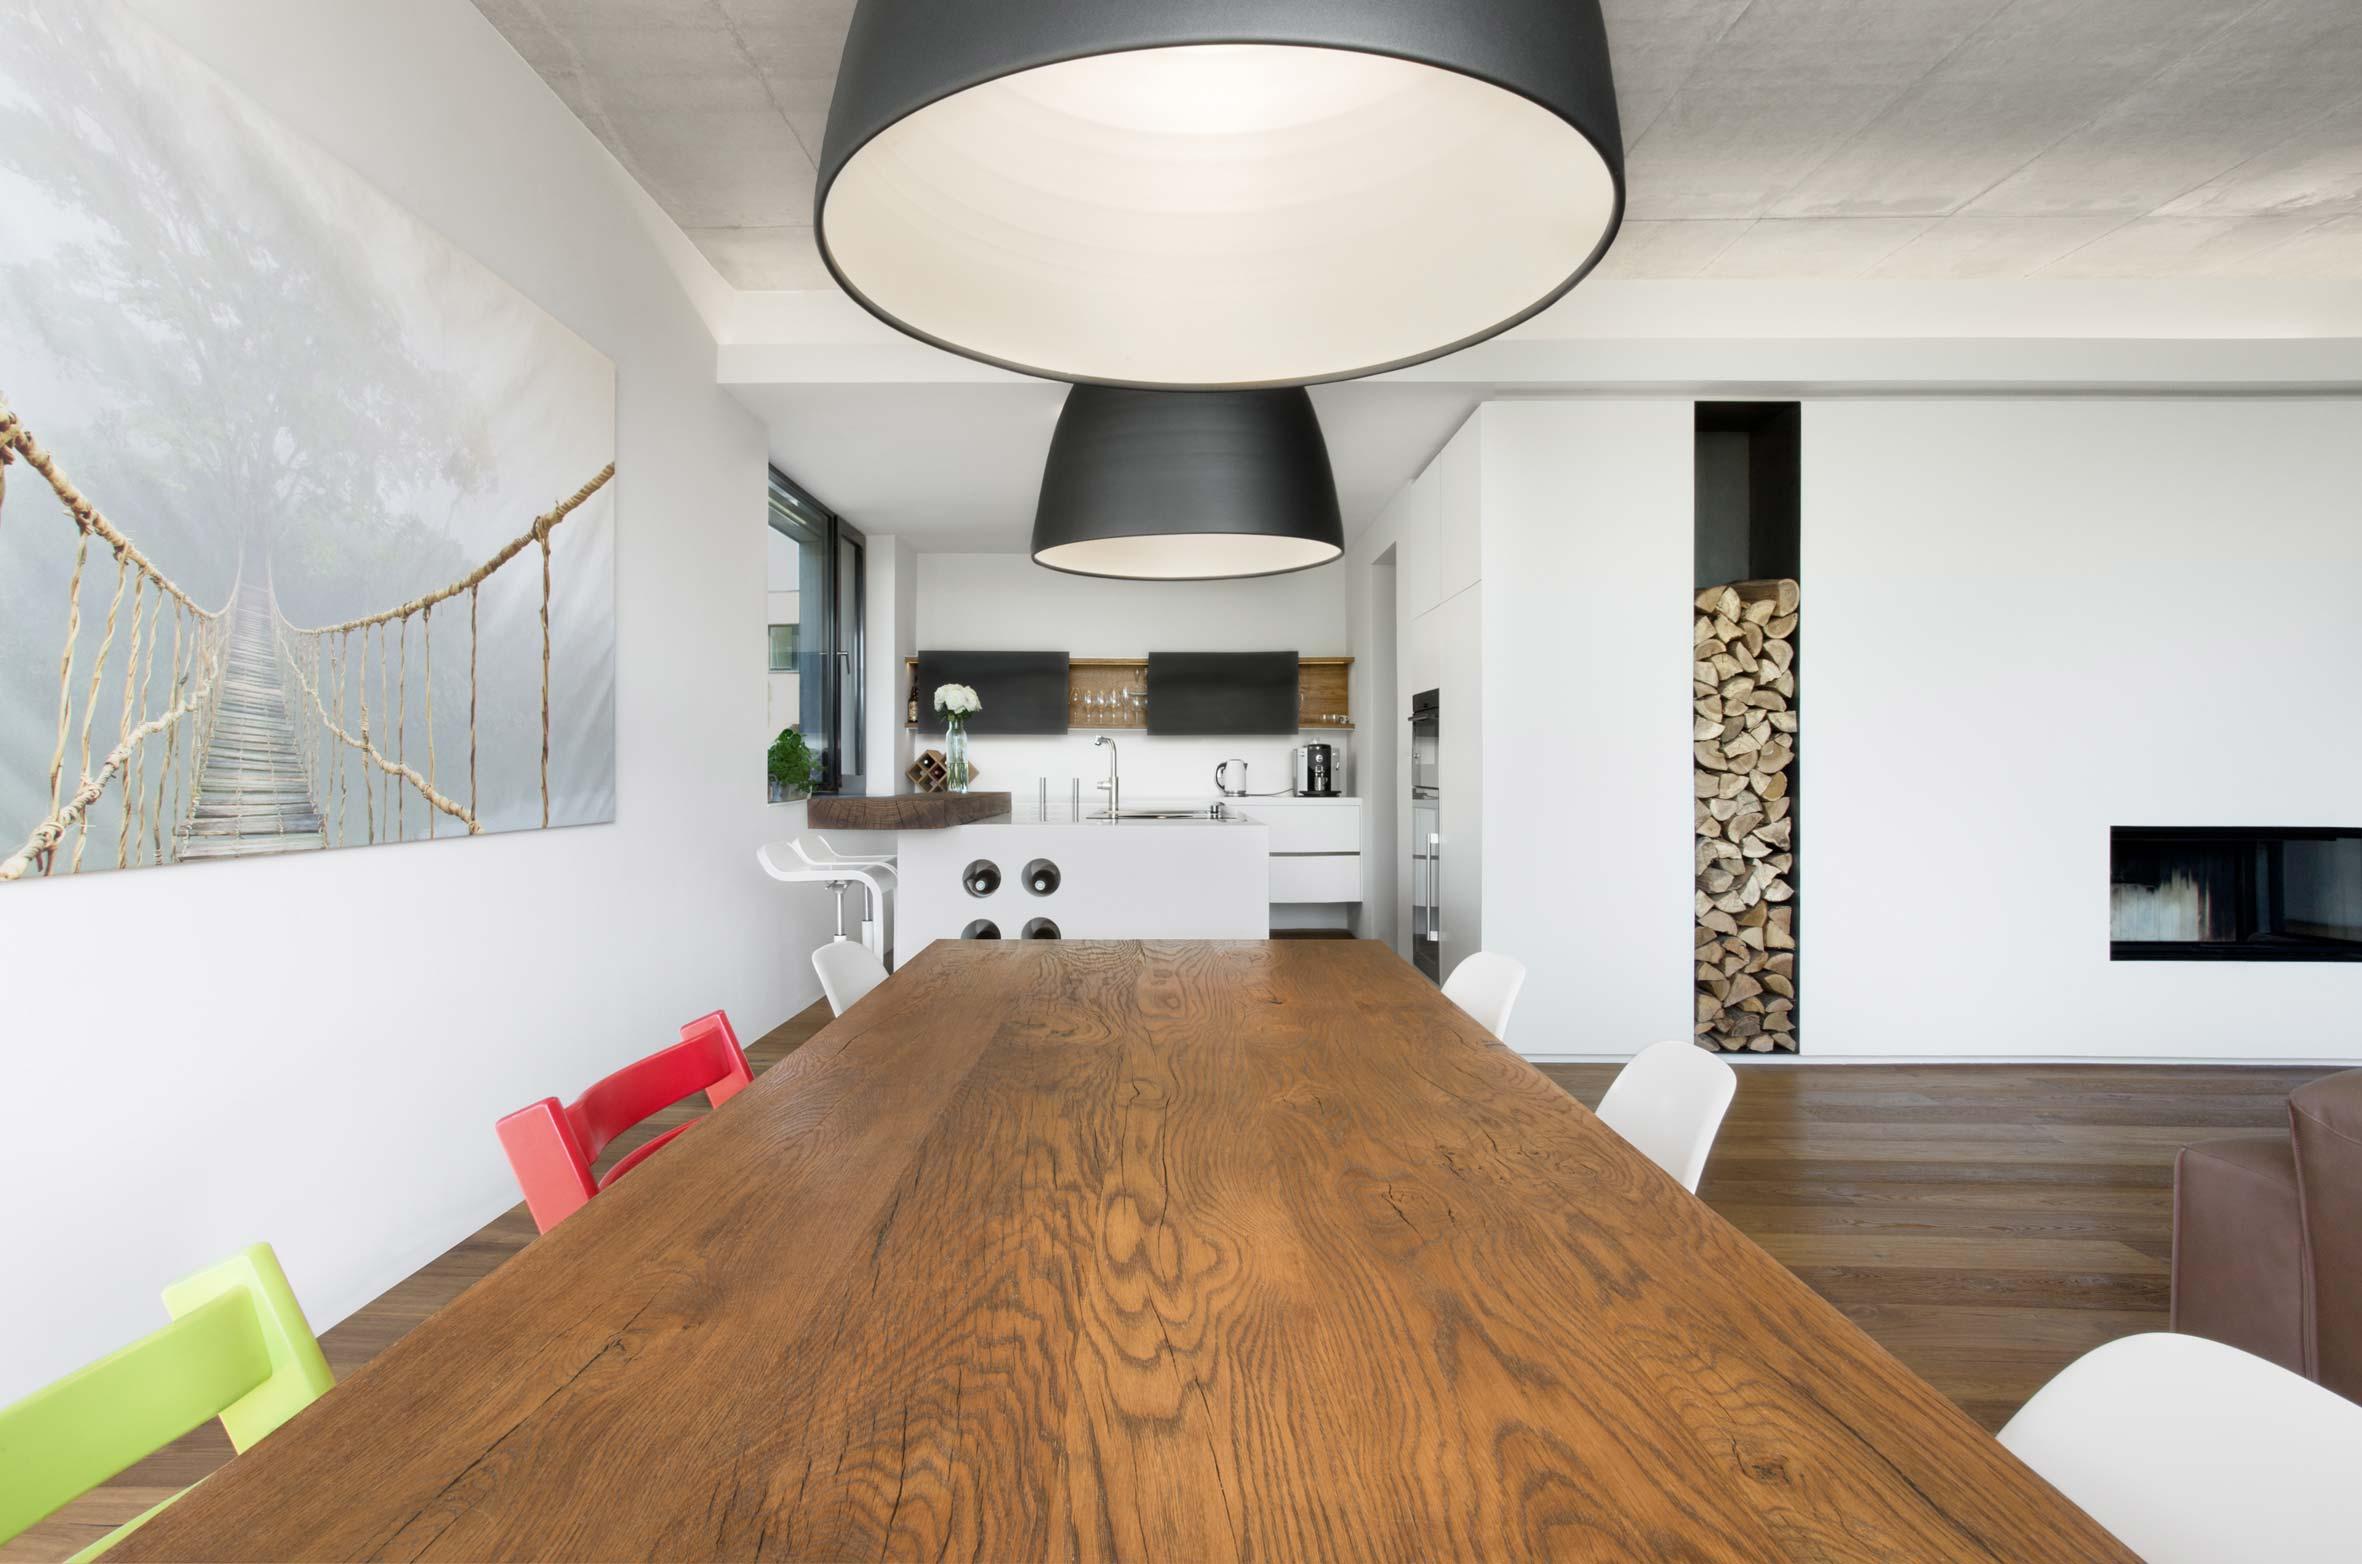 plan 3 kuchyně / Архитектура в деталях / Роскошная кухня